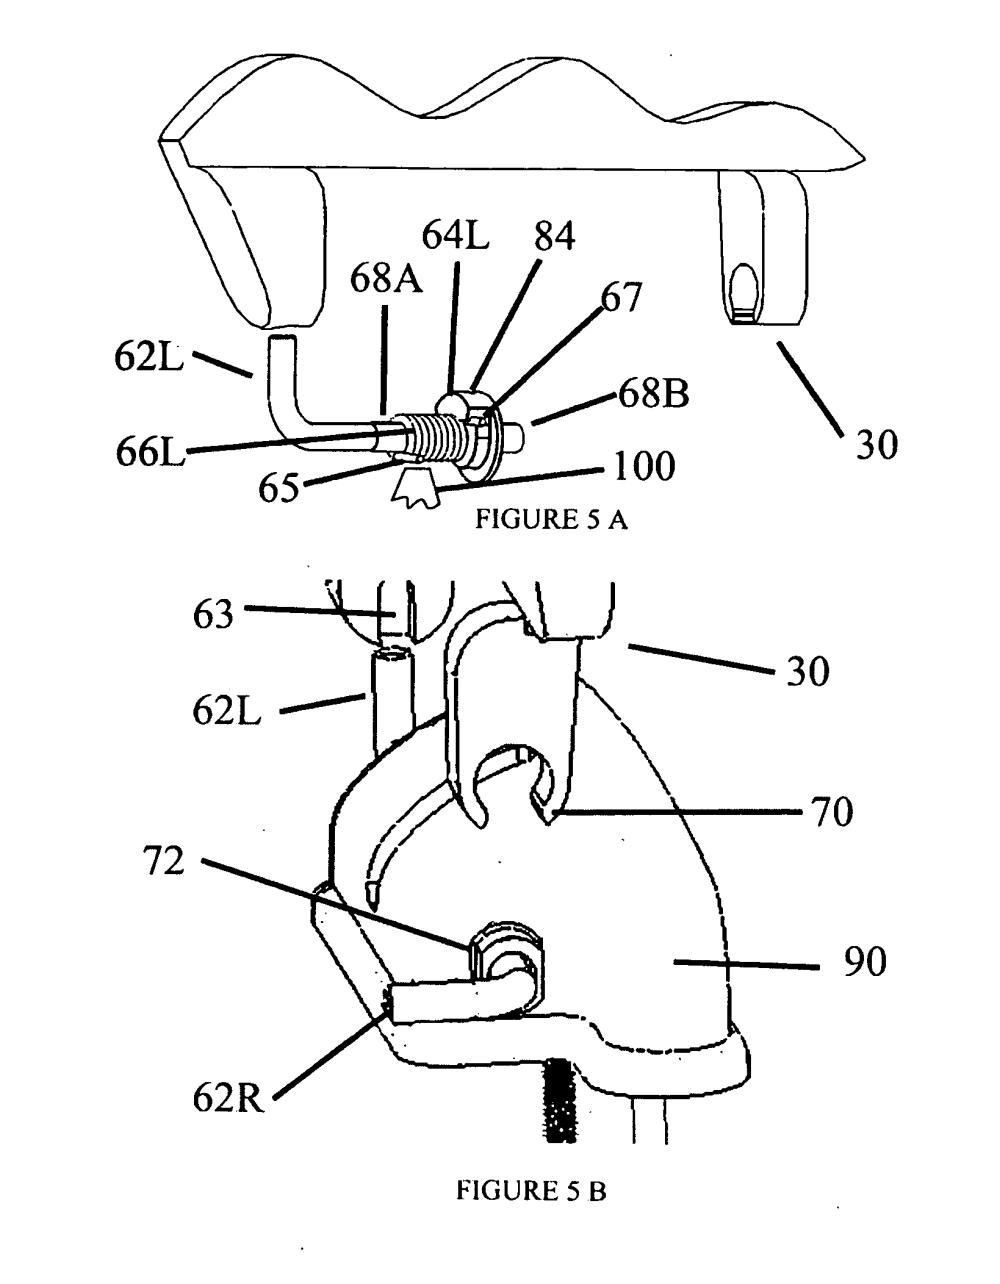 medium resolution of 64l belt diagram wiring diagrams scematic john deere belt routing diagrams 64l belt diagram